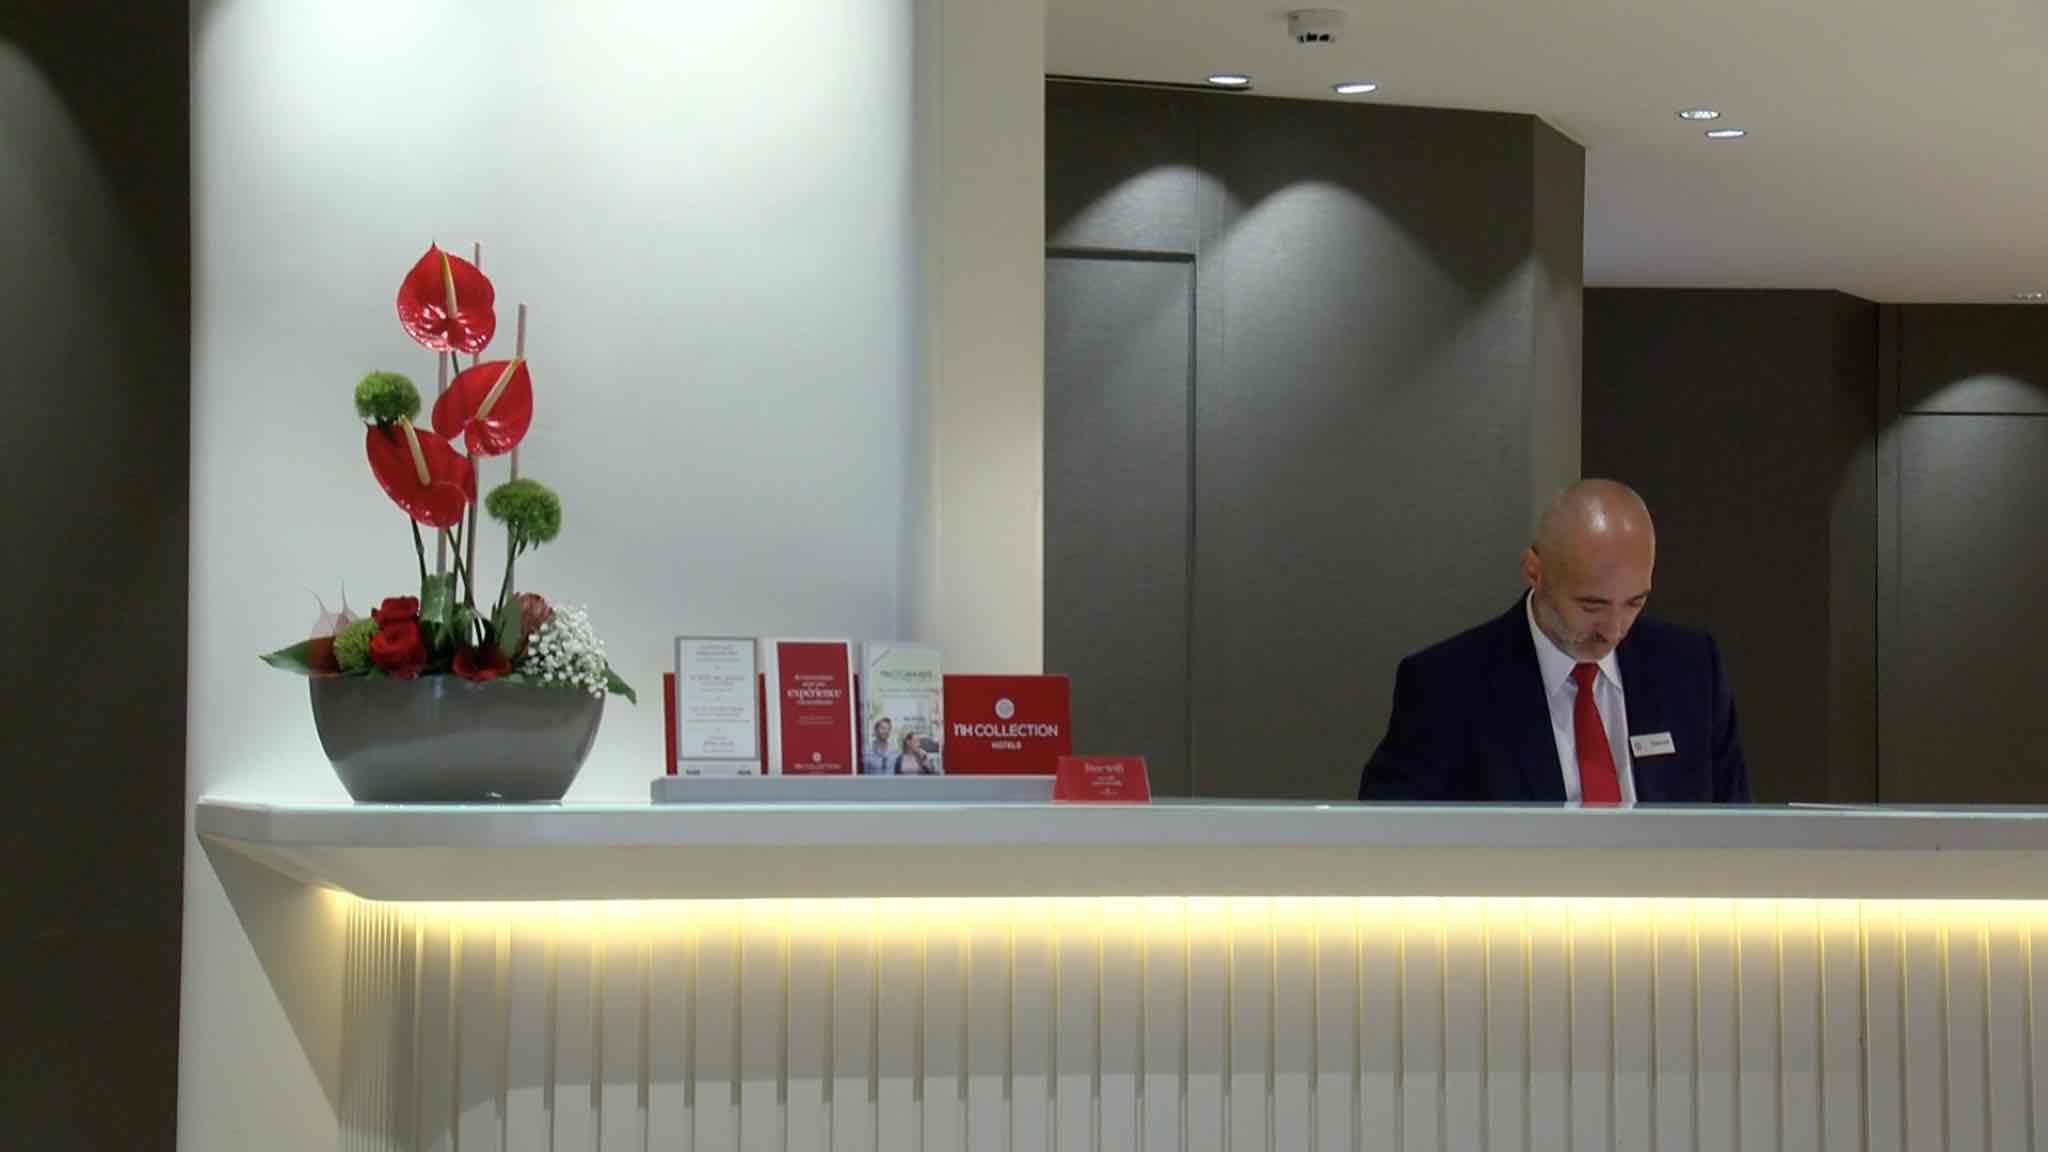 Des athois fleurissent des hôtels bruxellois